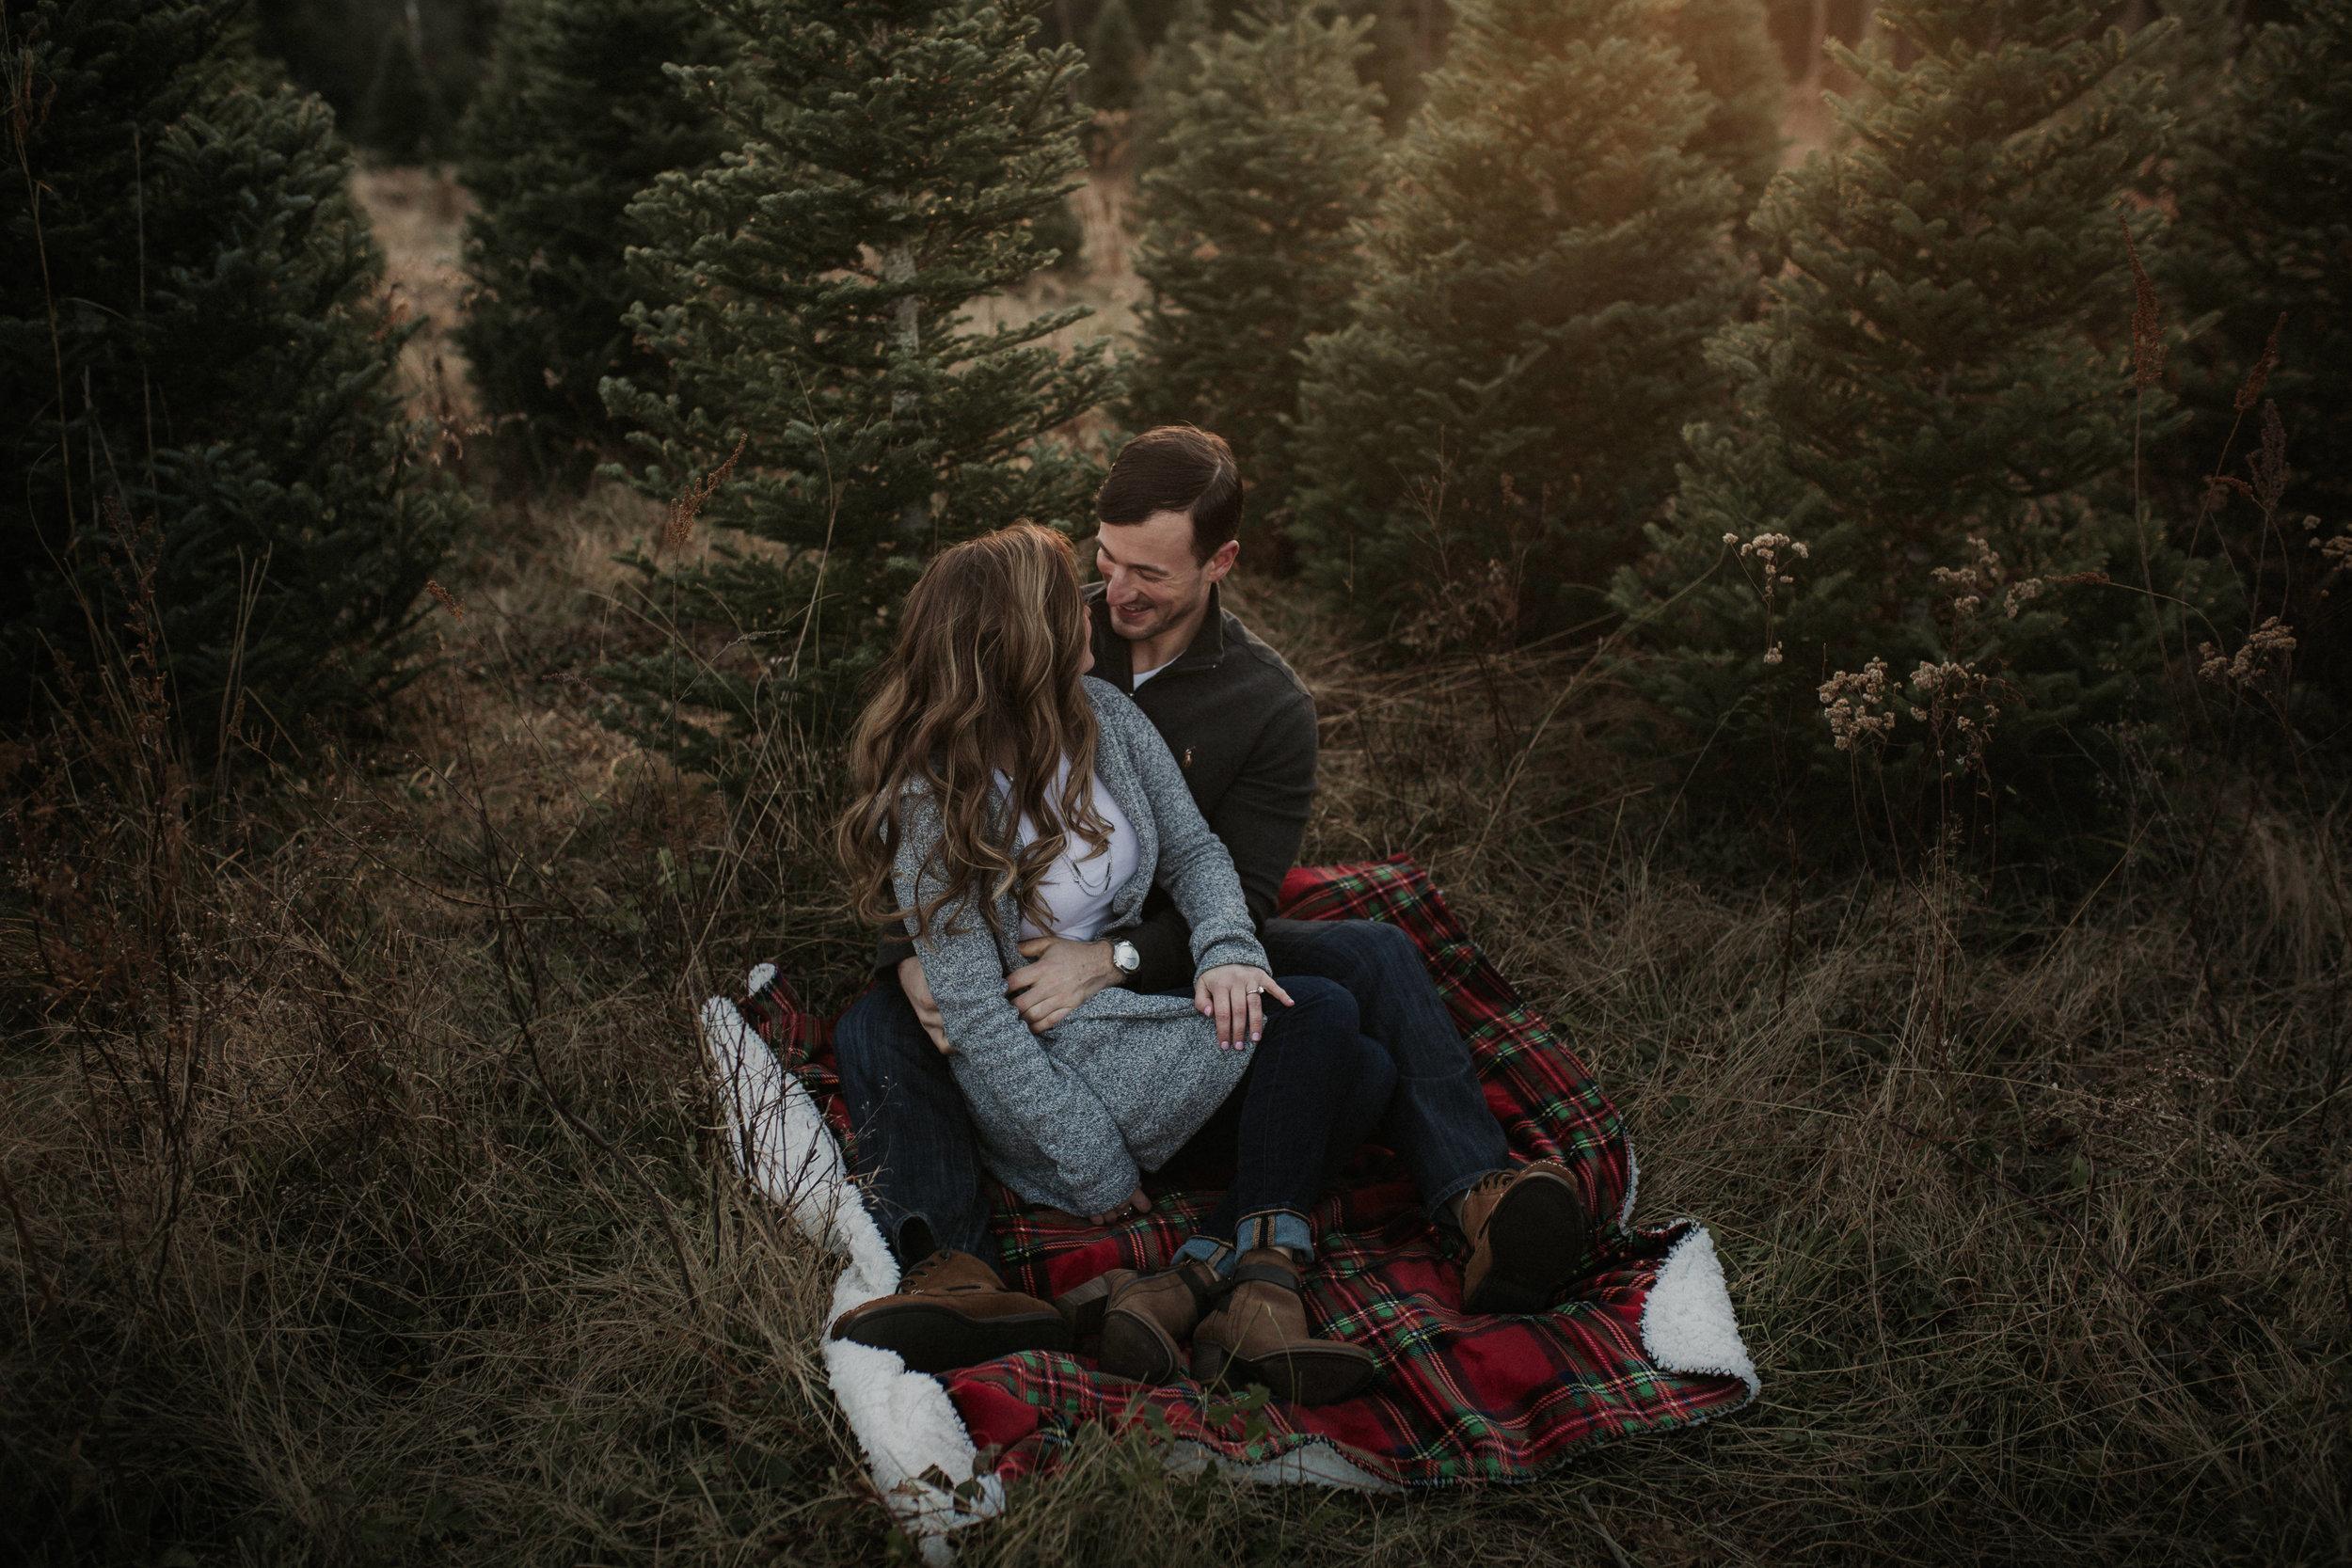 christmas_tree_farm_engagement_shoot_014.JPG